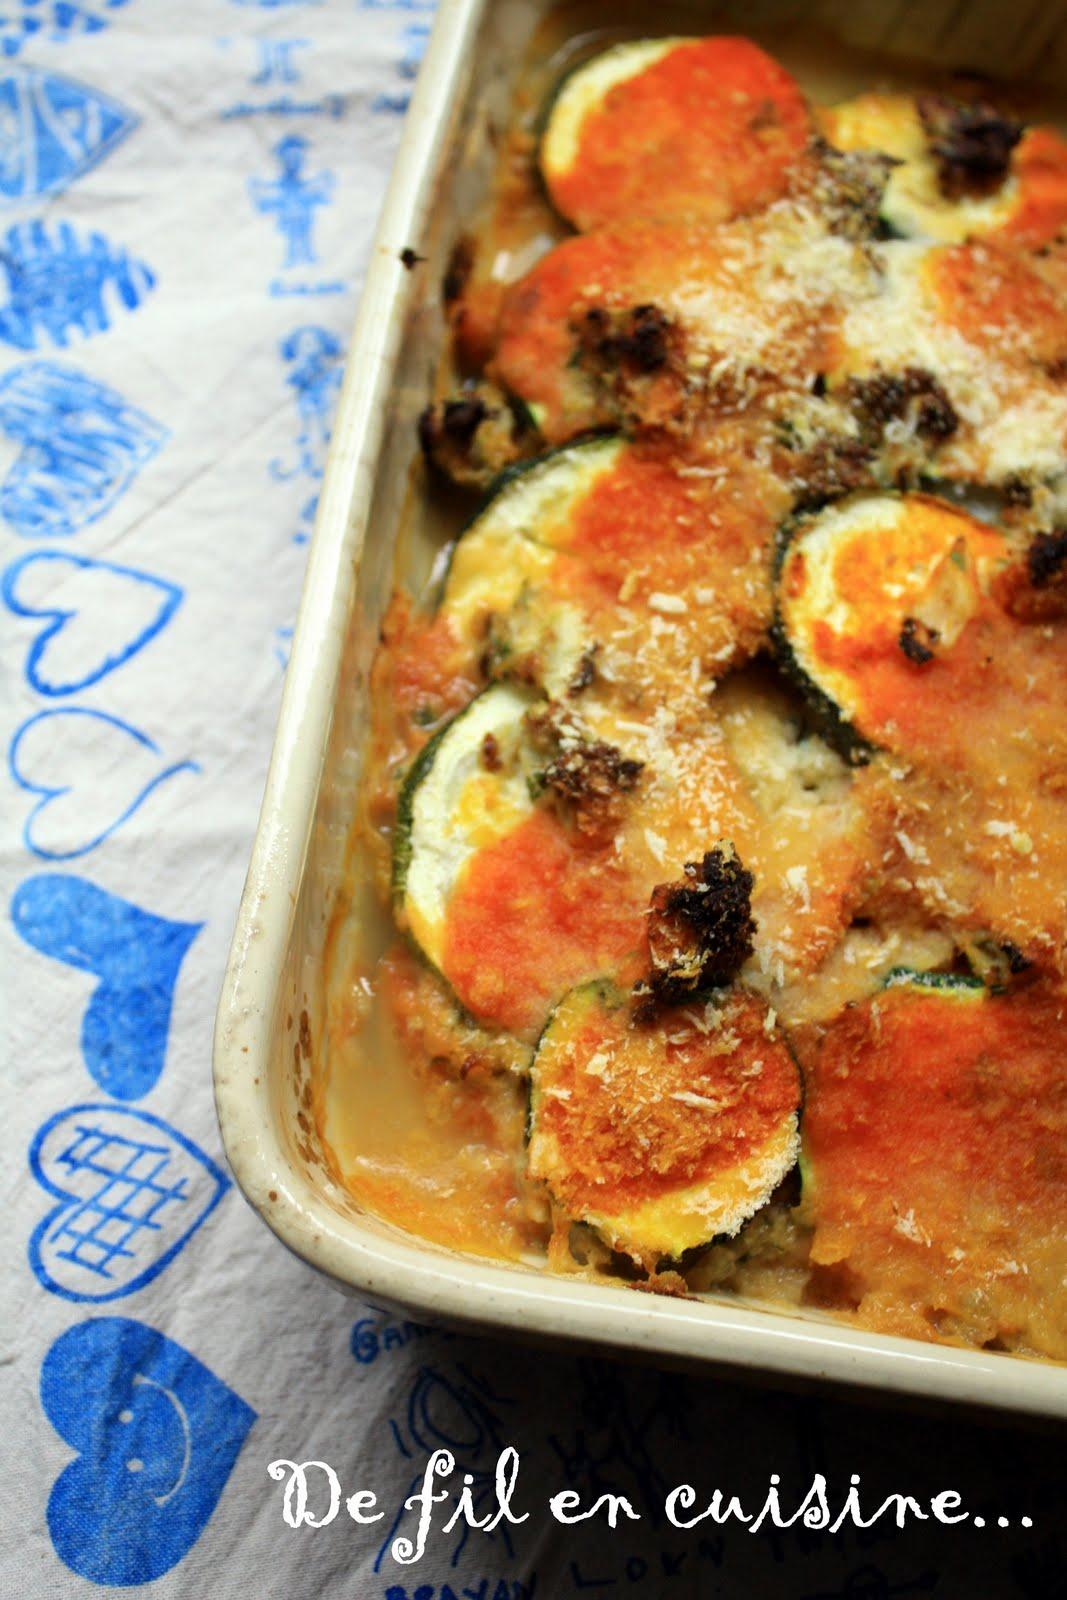 De fil en cuisine lasagnes vertes la sardine - Cuisiner des filets de sardines fraiches ...